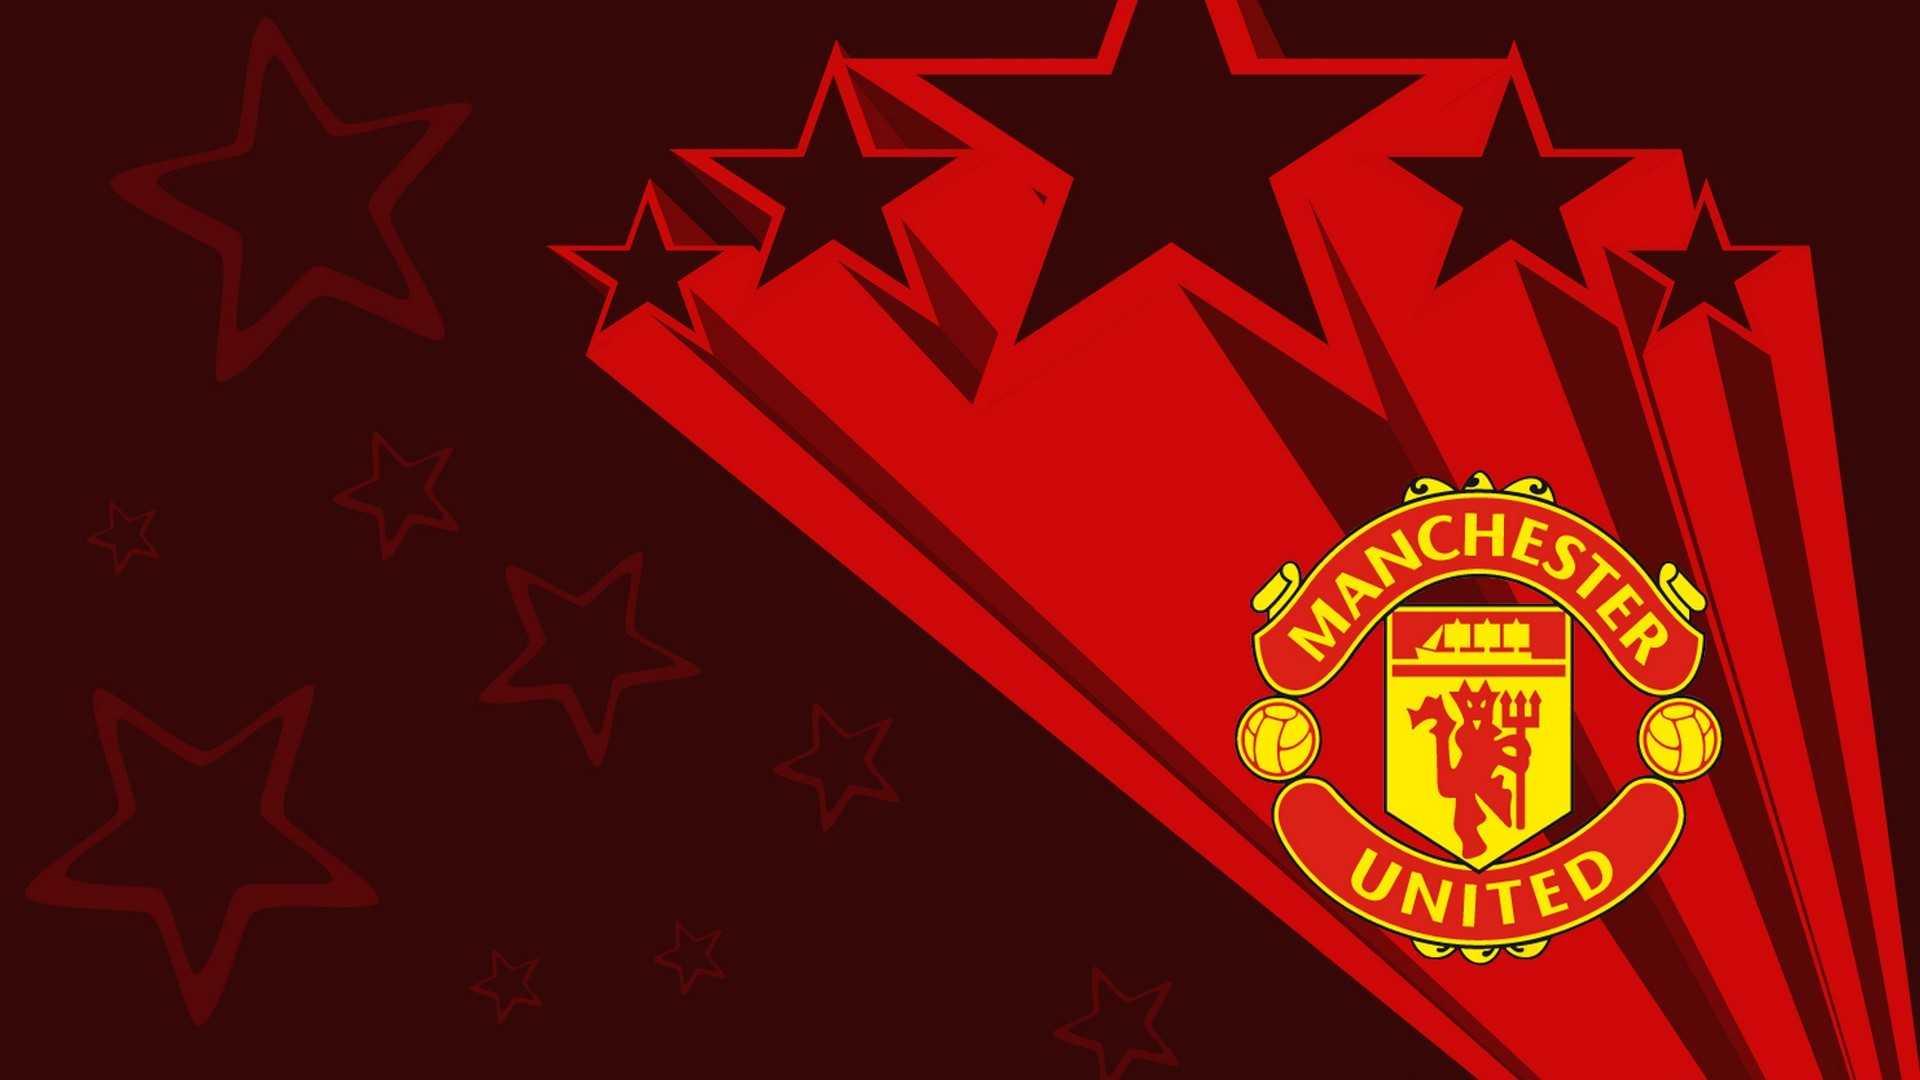 Man United Wallpaper HD - KoLPaPer ...